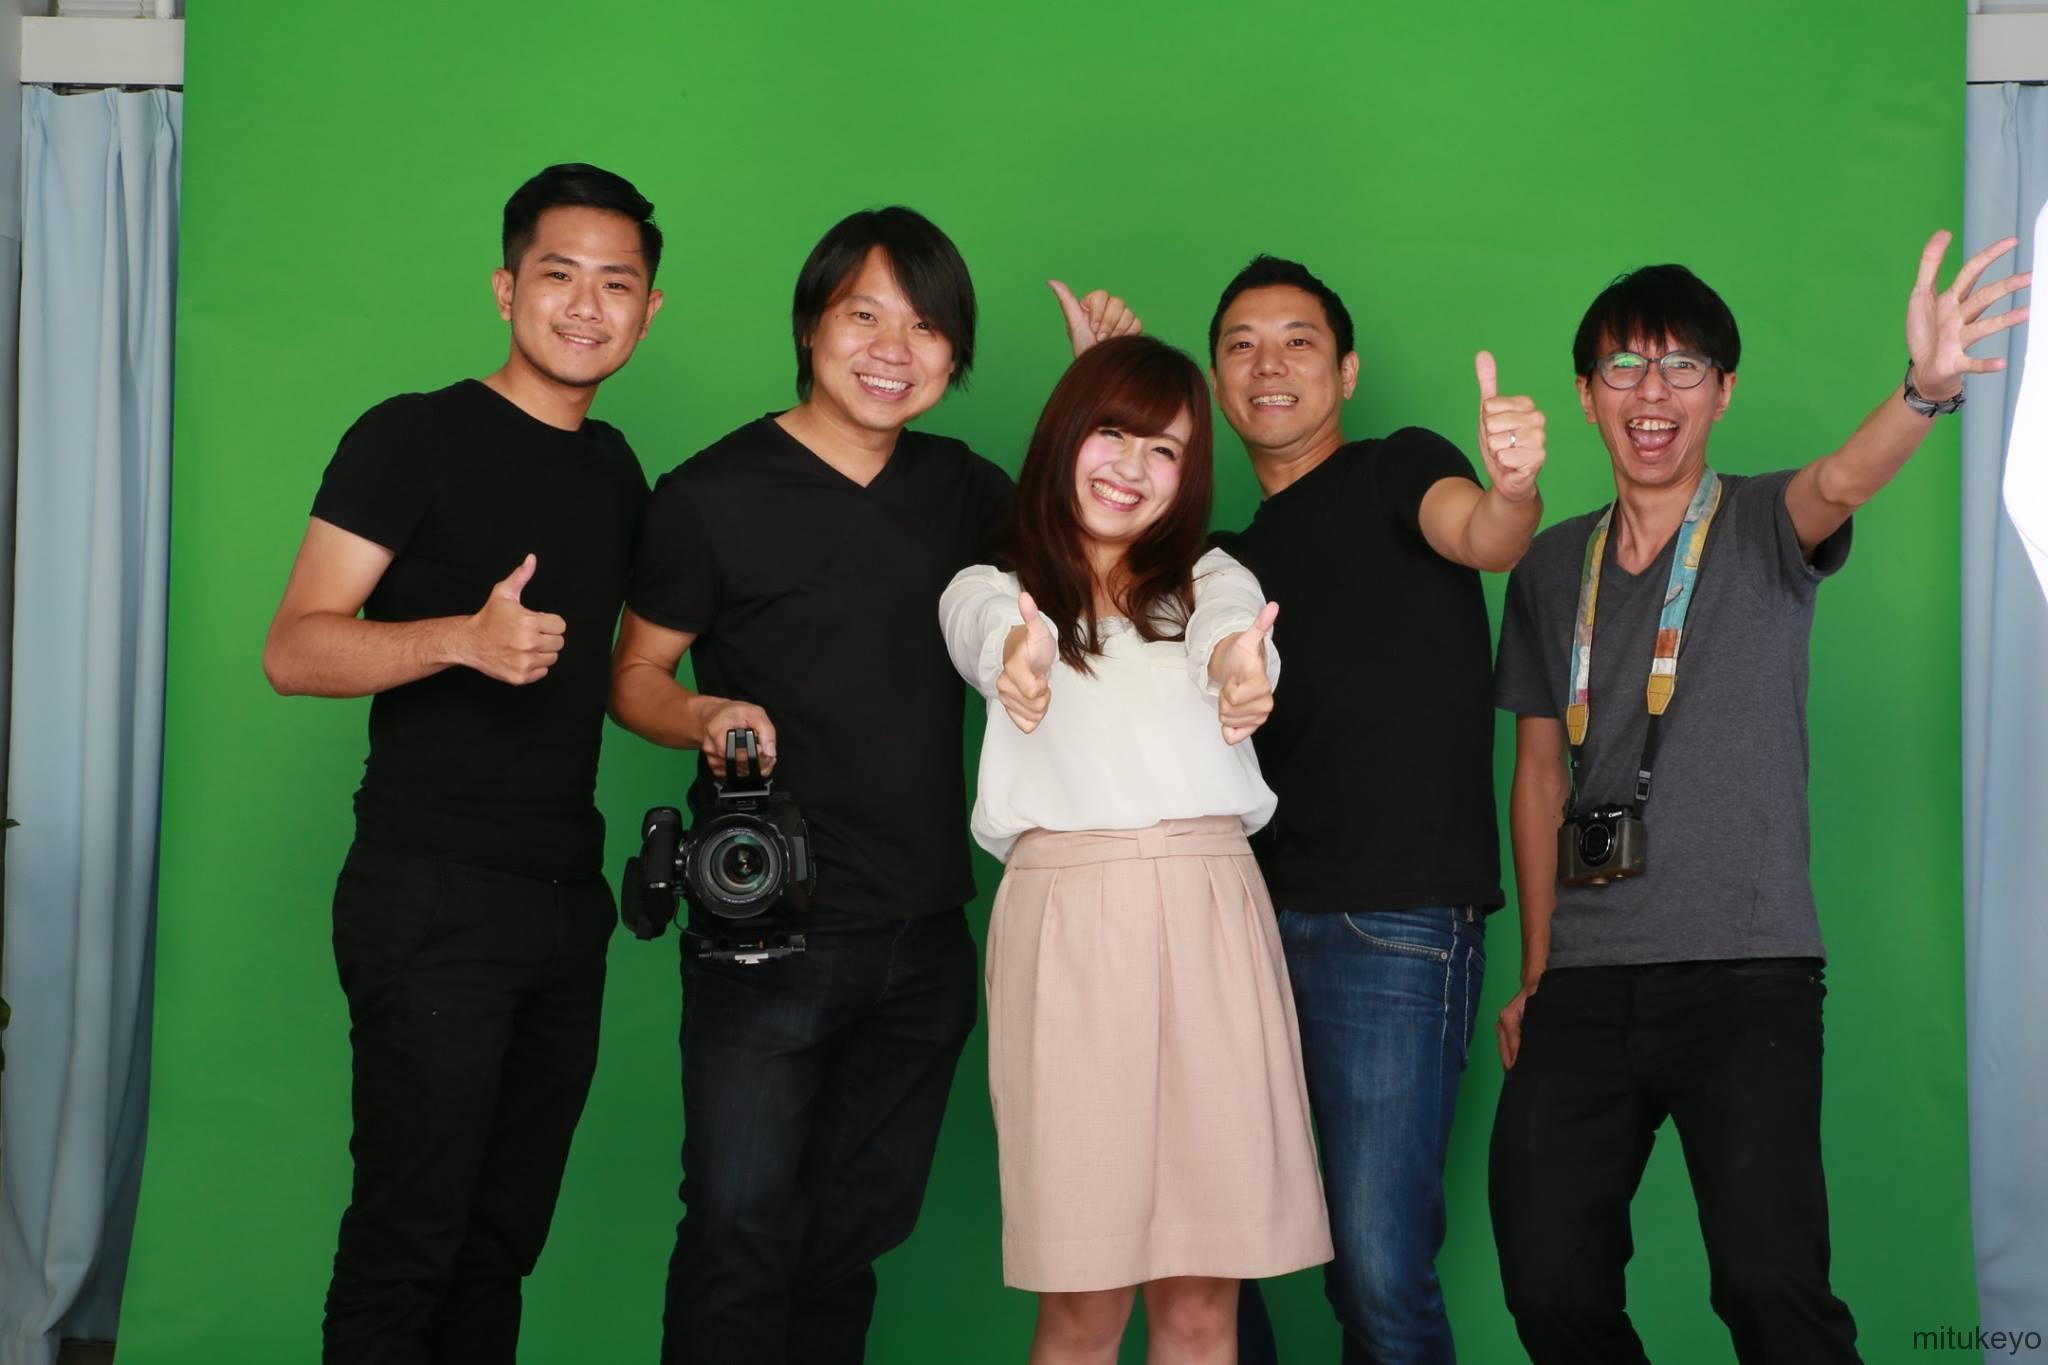 台湾で【日本向けマーケティング担当】(インターンの募集)